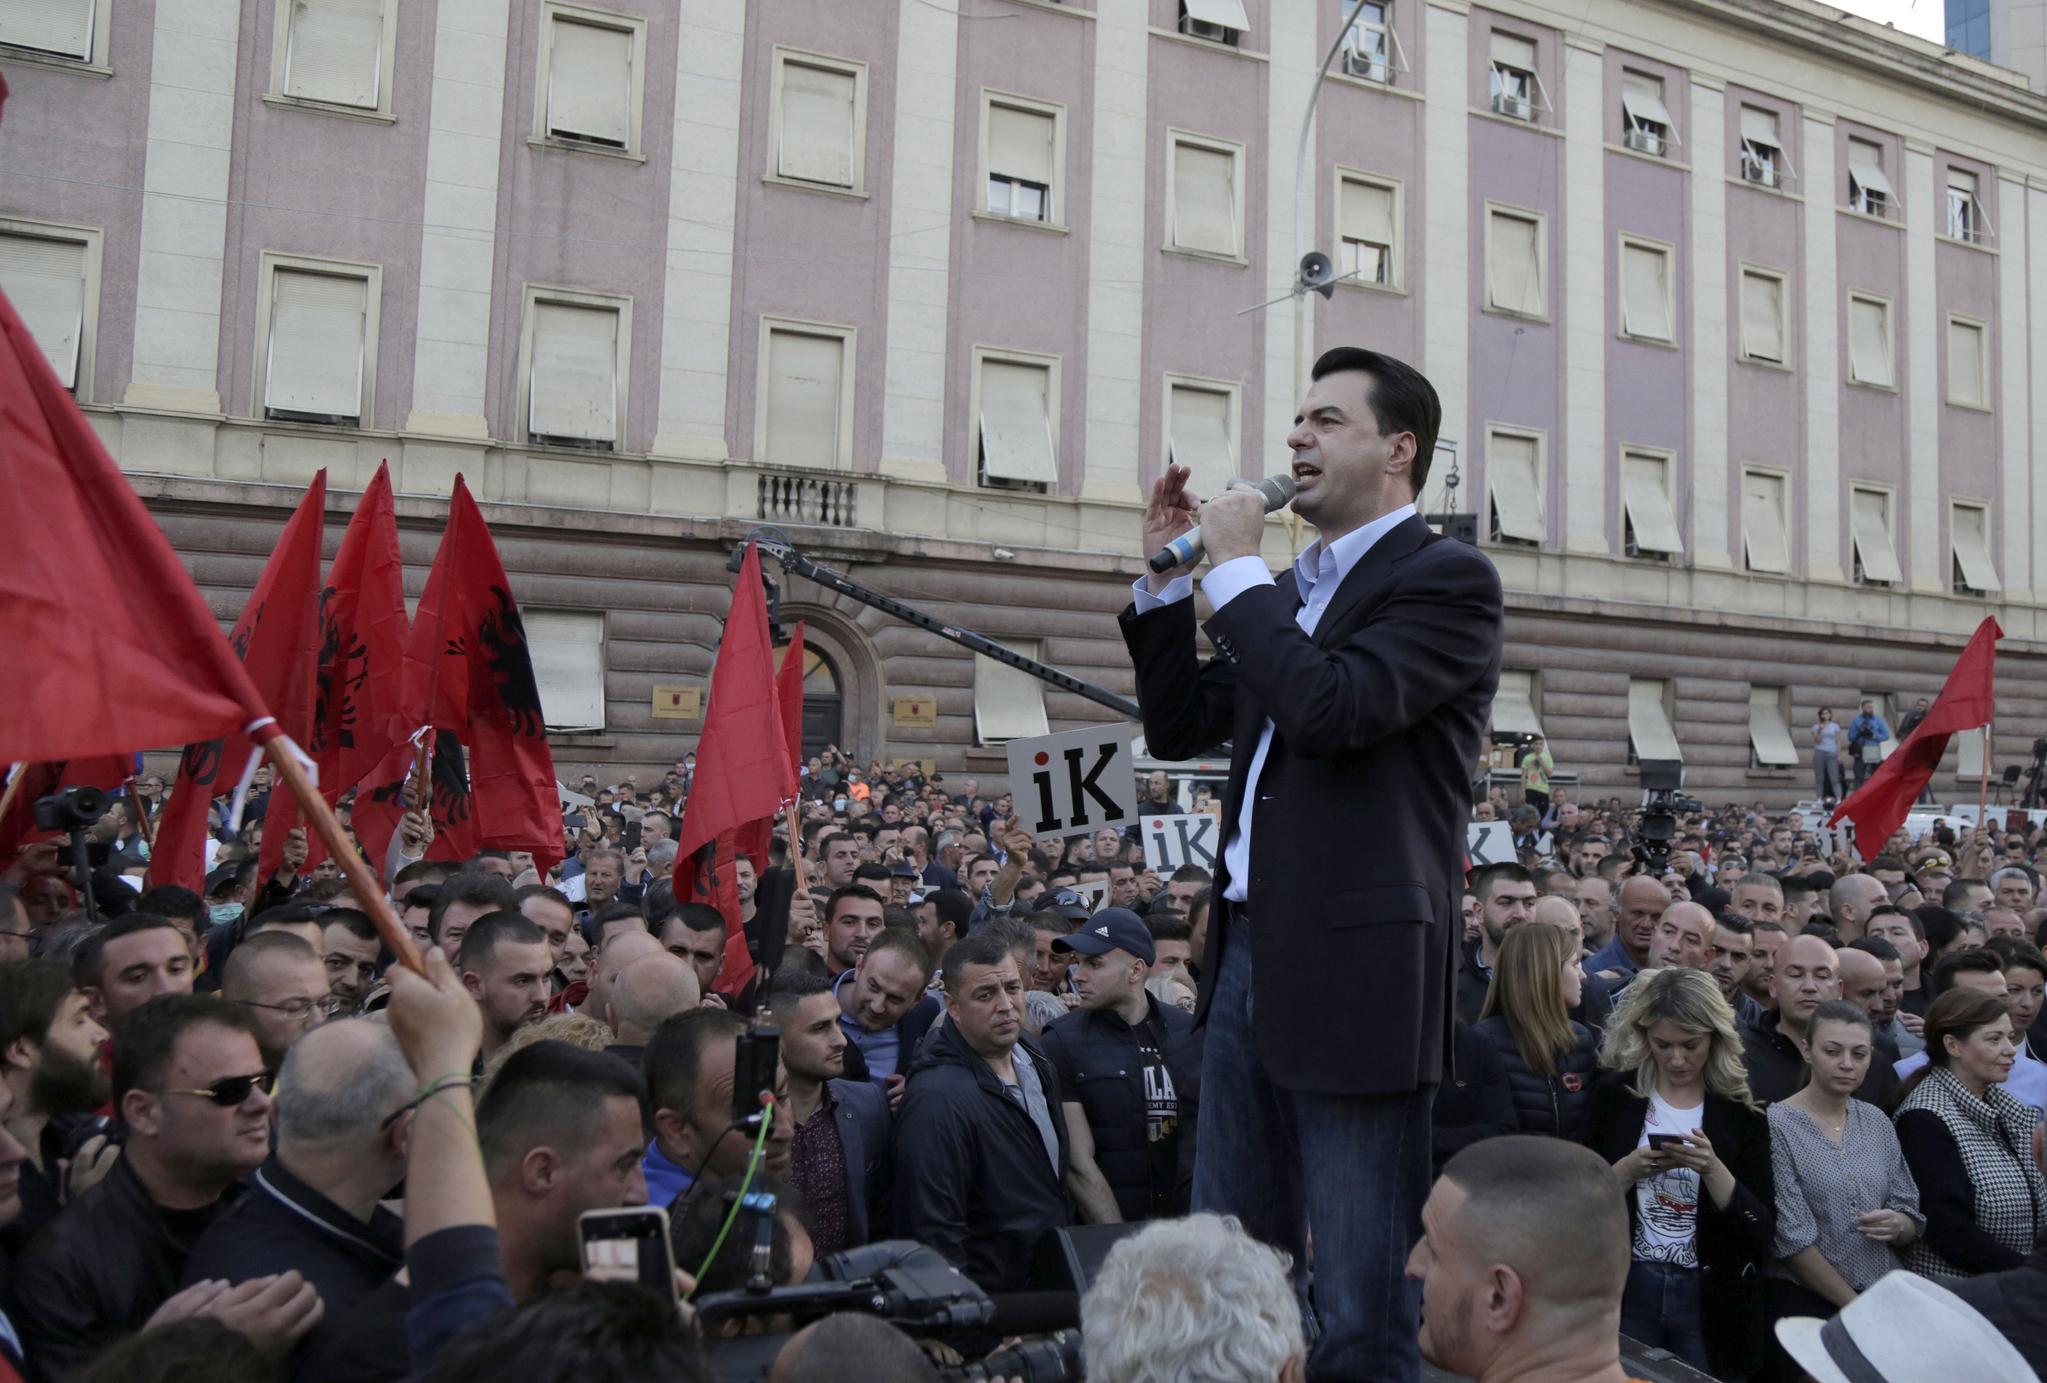 11일(현지시간) 청사앞에 모인 반정부 시위대를 향해 룰짐 바샤 민주당 대표가 발언을 하고 있다. [EPA=연합뉴스]